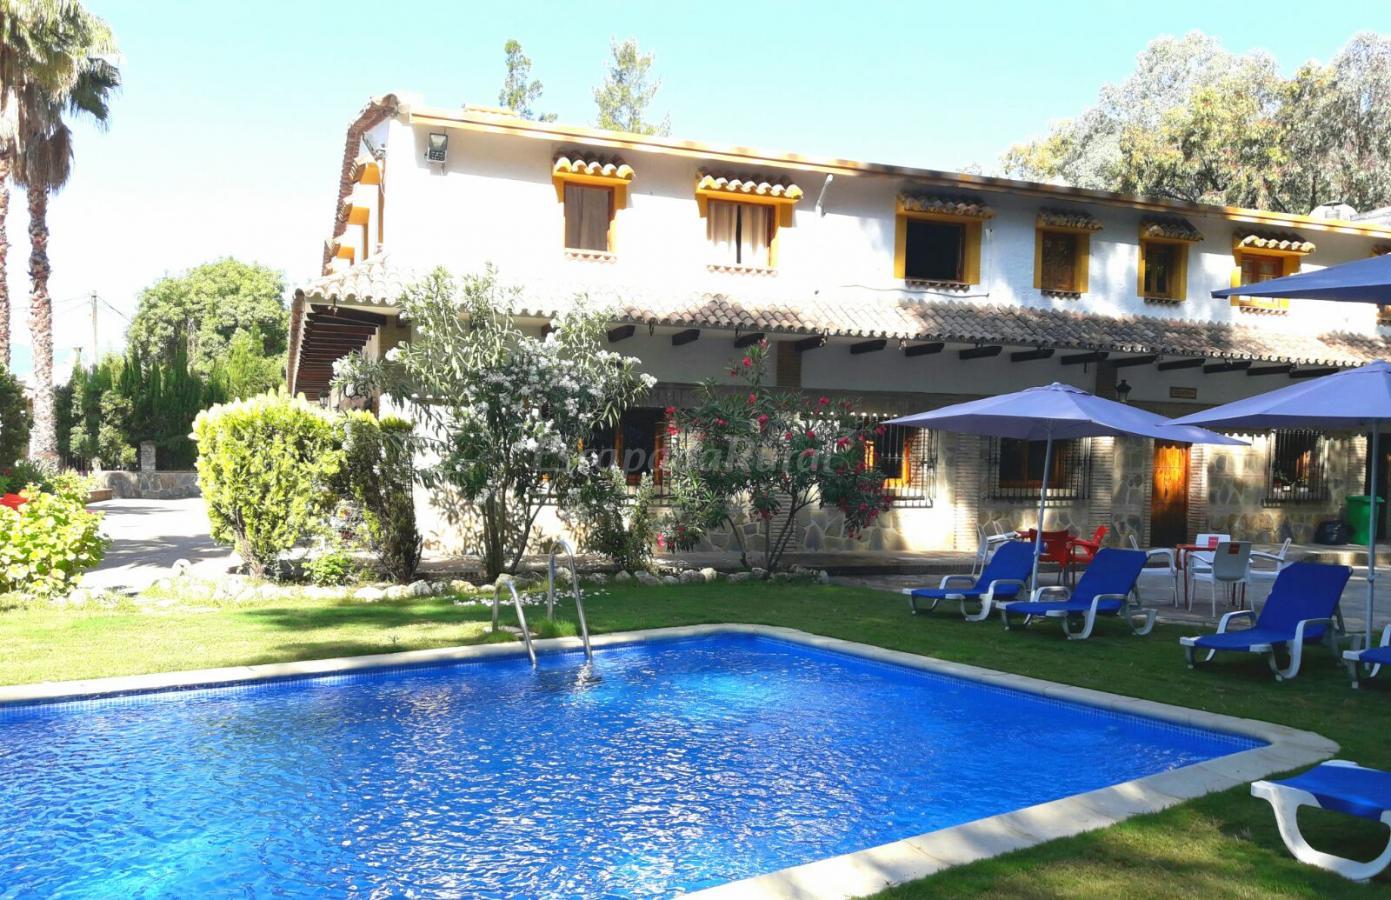 Jardin con piscina y barbacoa piscina ecolgica de sal ms for Piscinas de sal